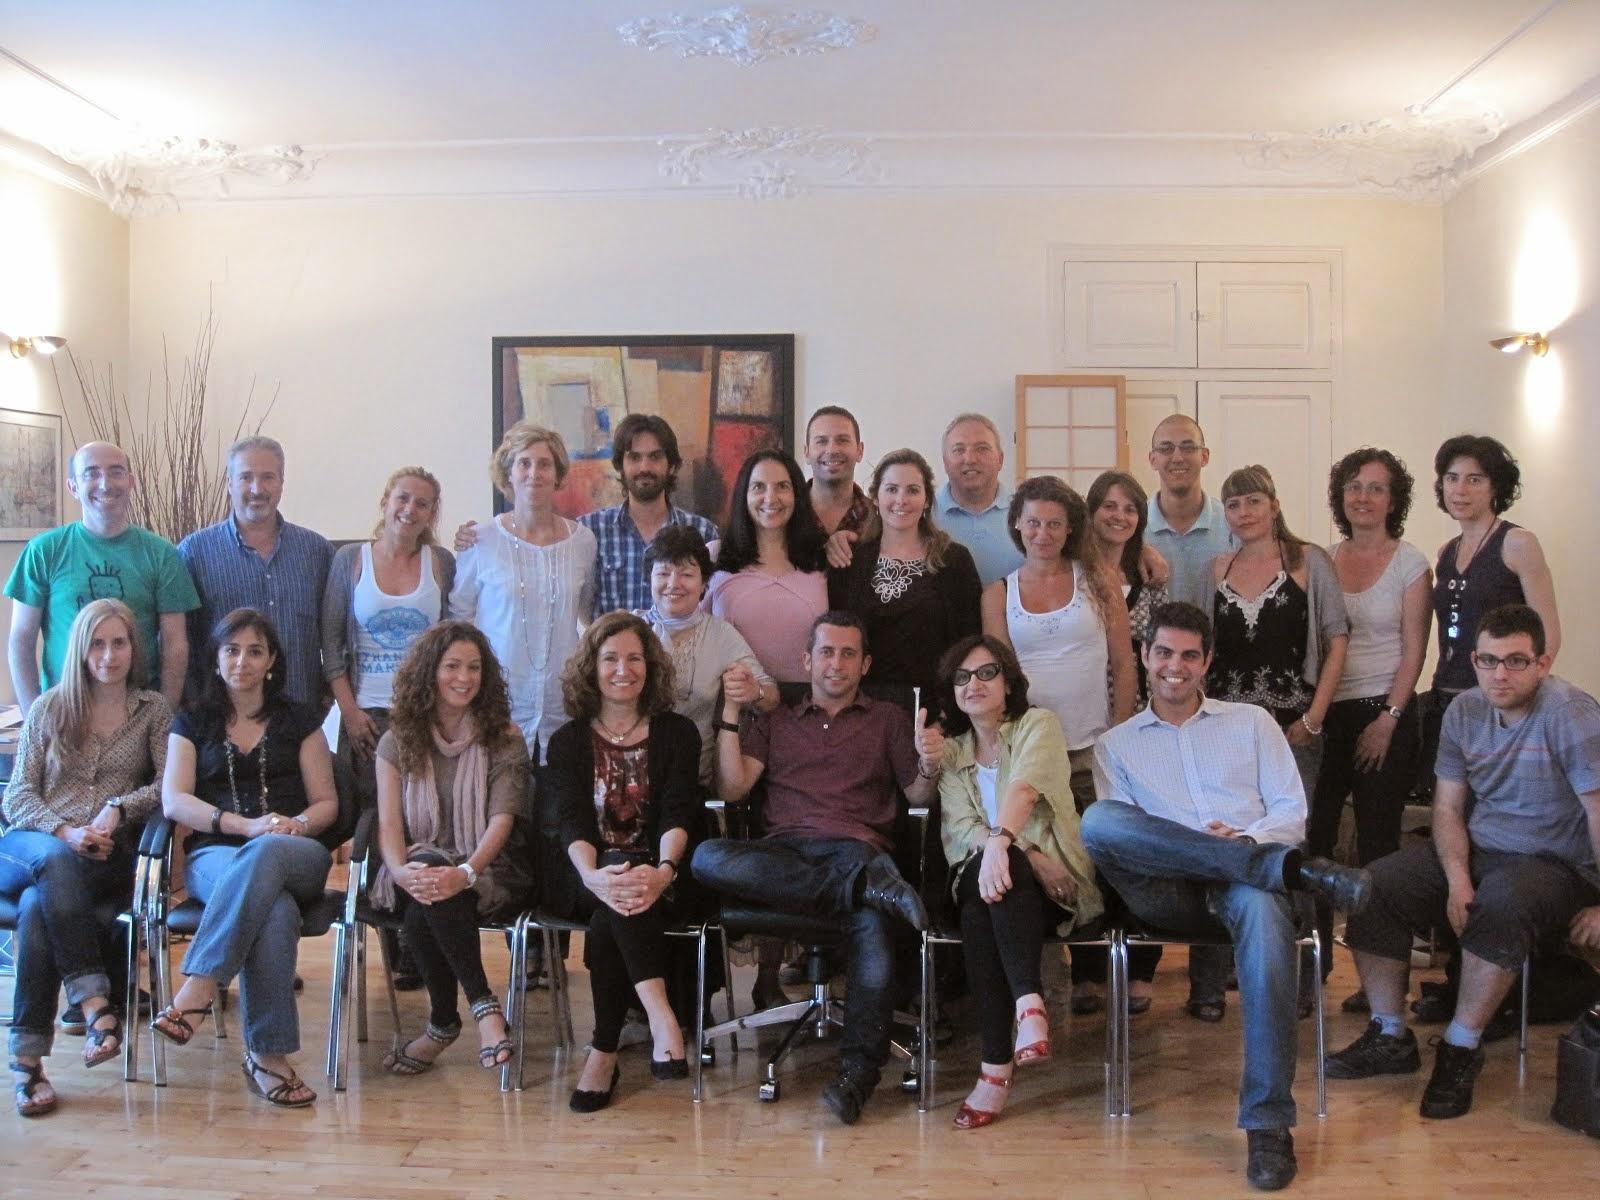 Posgrado 2010-2011 (1ª edición) en Terapia Racional Emotiva Conductual - 1ª edición